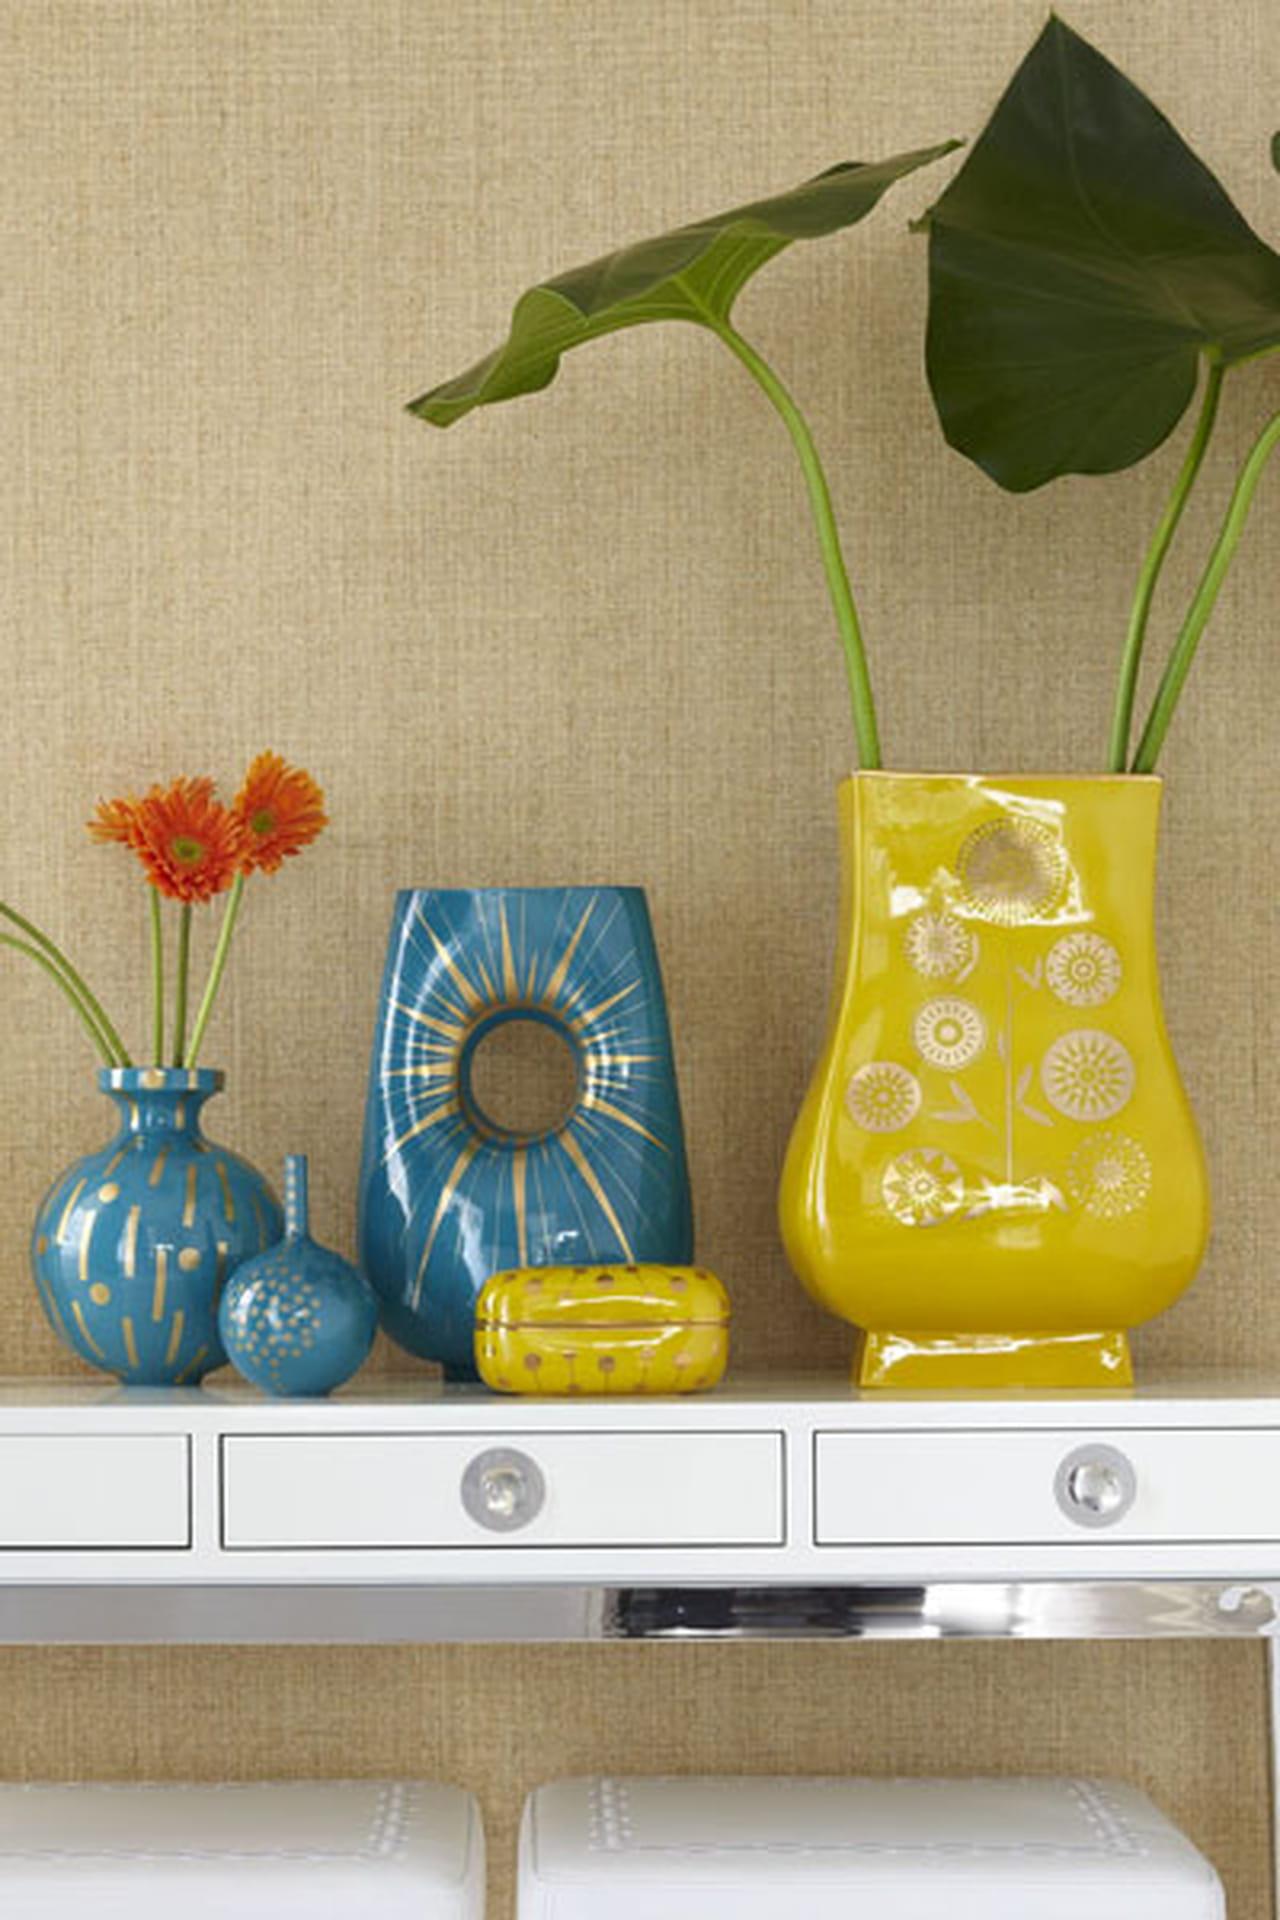 مجموعة مزهرايات متنوعة الألوان والتصاميم  785423